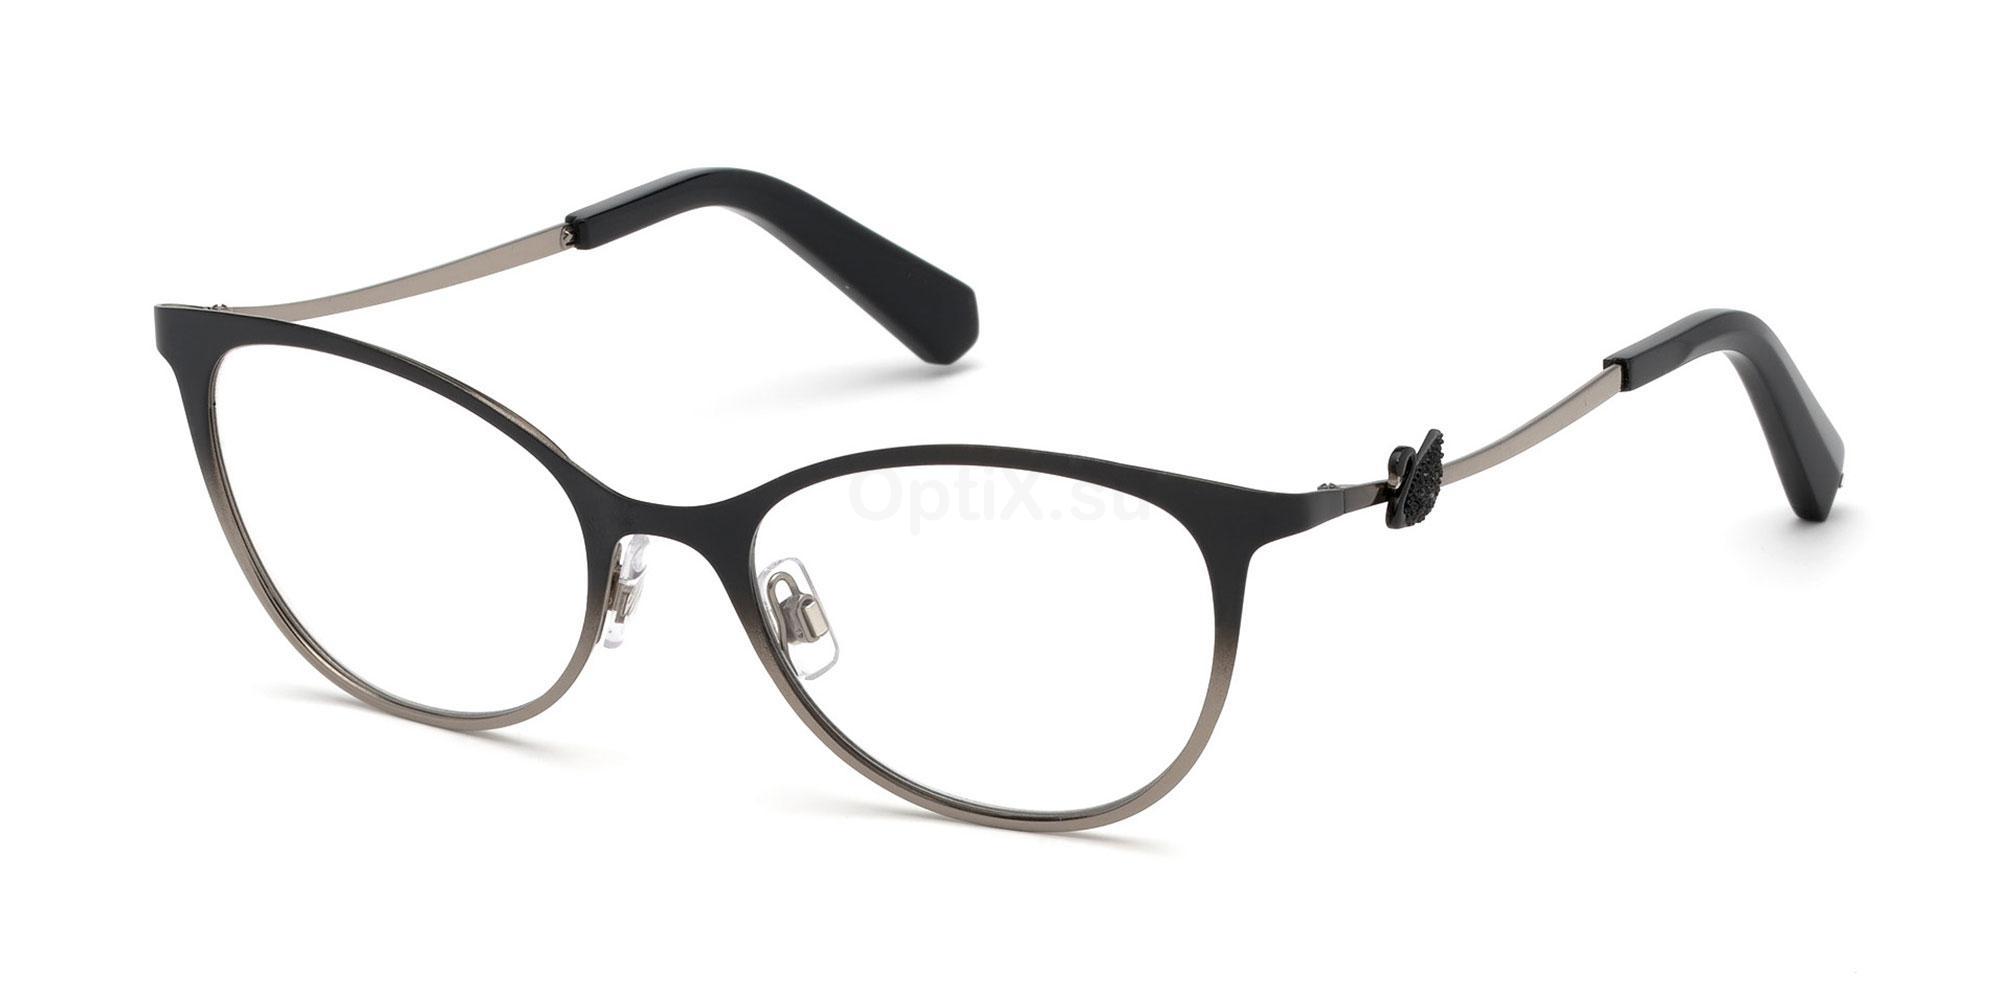 005 SK5303 Glasses, Swarovski